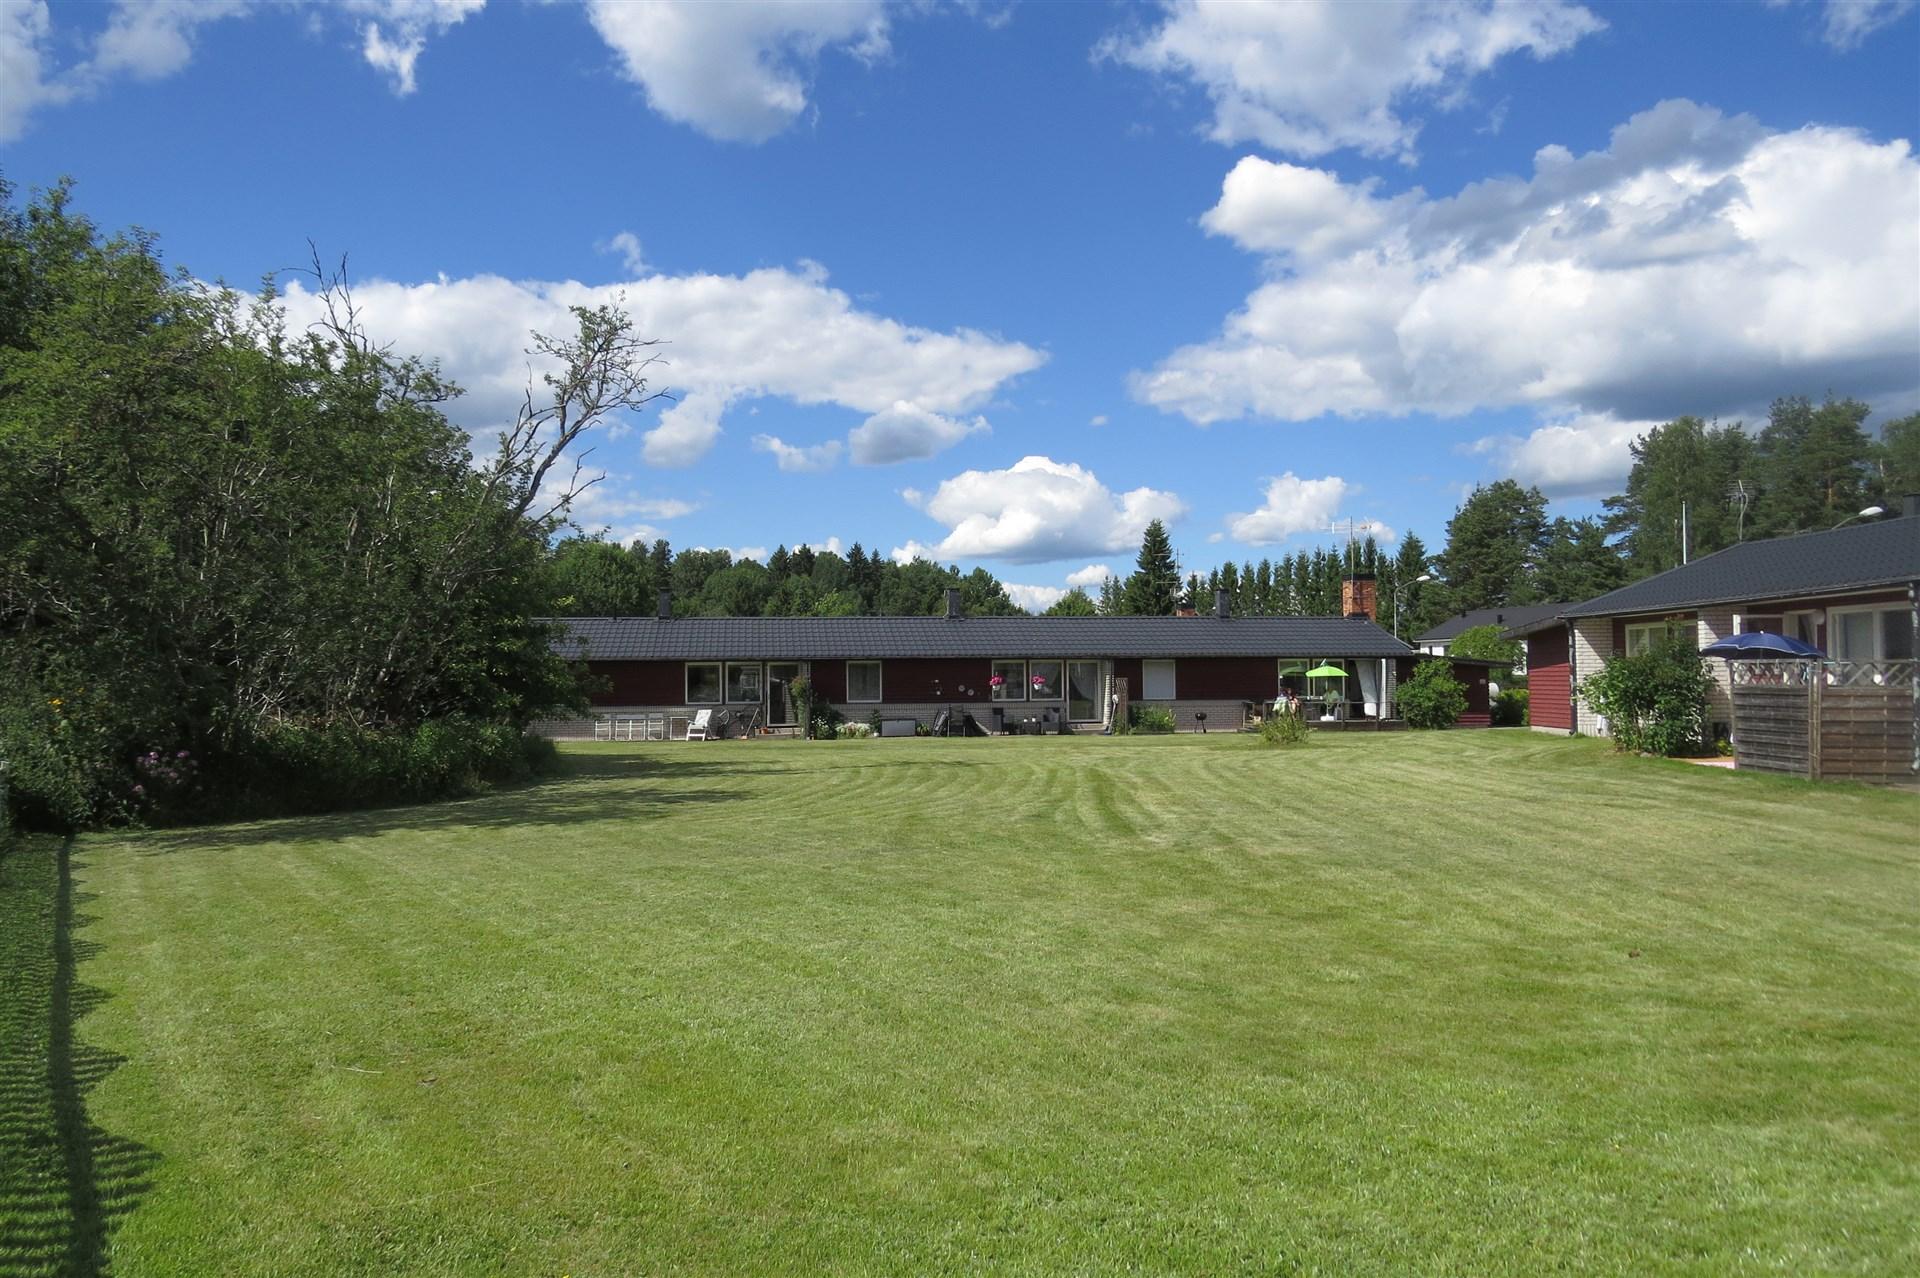 Knutby Videväg 9-15